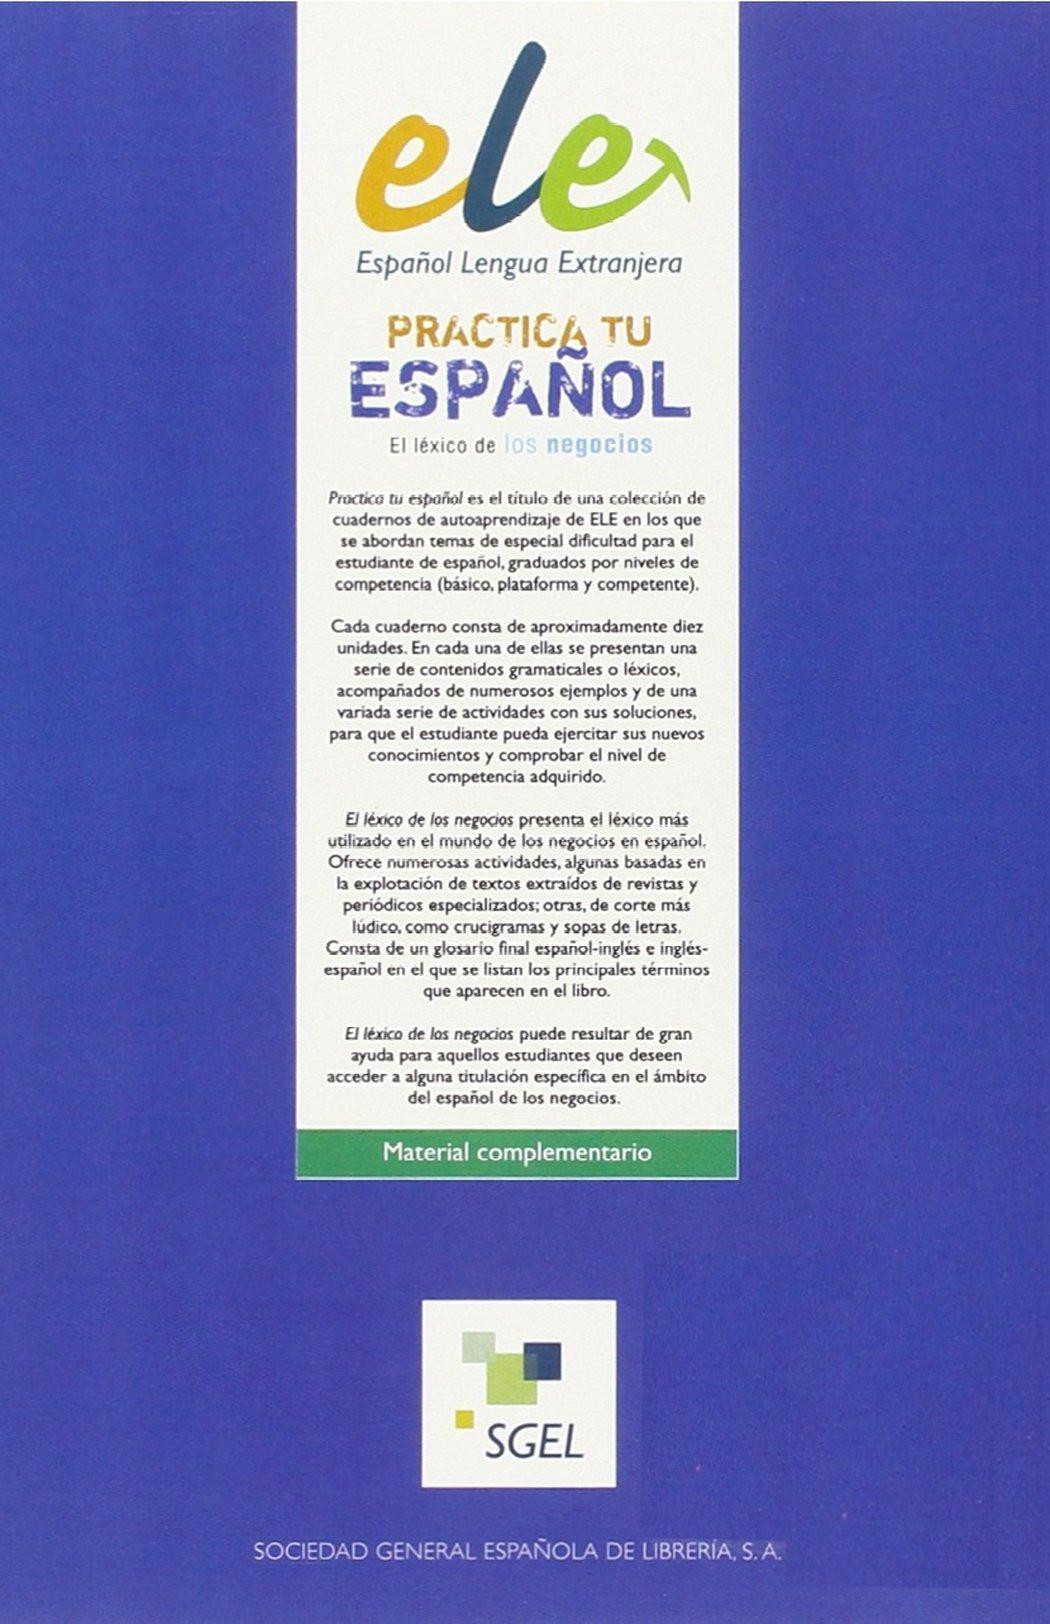 Practica tu español: El léxico de los negocios: Amazon.co.uk: Larrañaga  Domínquez, Ainhoa, Arroyo Hernández, Margarita: 9783193845009: Books